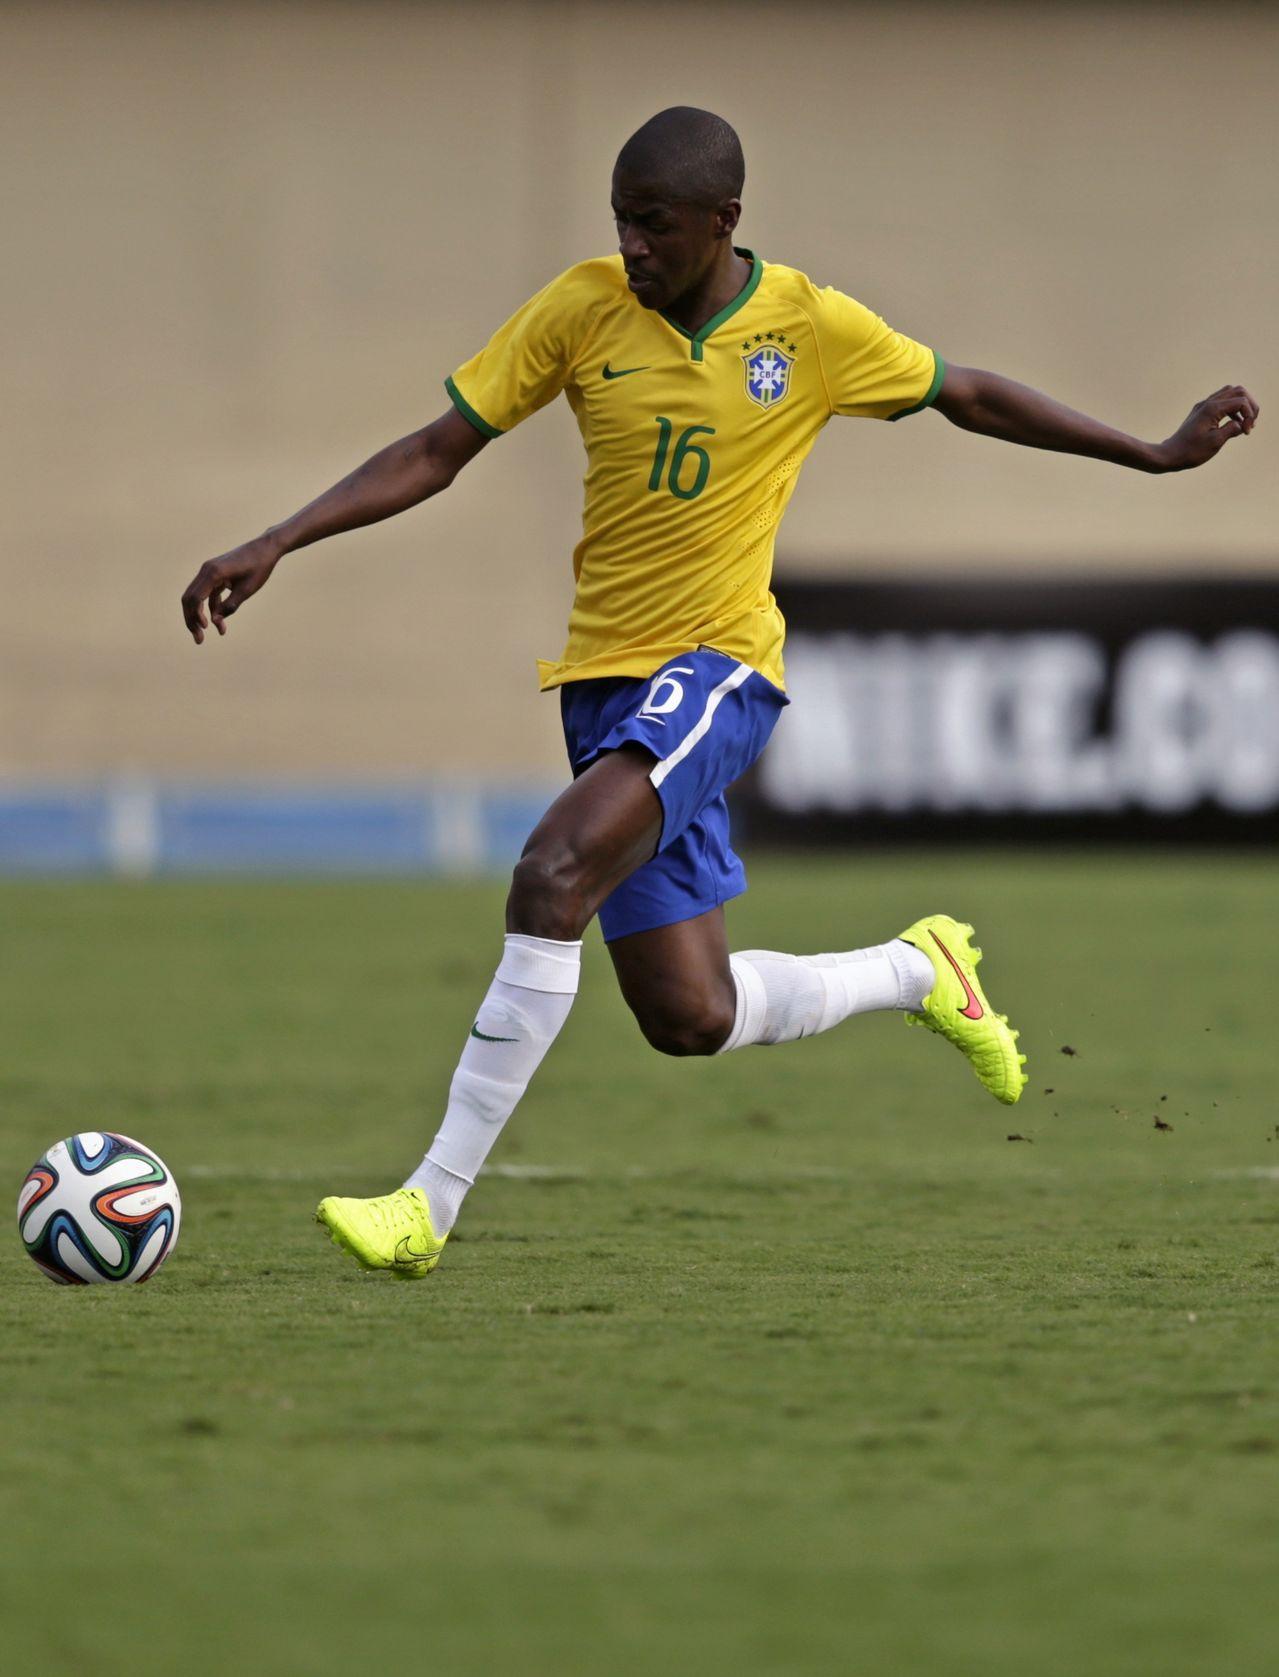 صور لاعبي ونجوم مونديال كأس العالم 2014 بالبرازيل , صور اللاعبين المشاركين في كأس العالم 2014